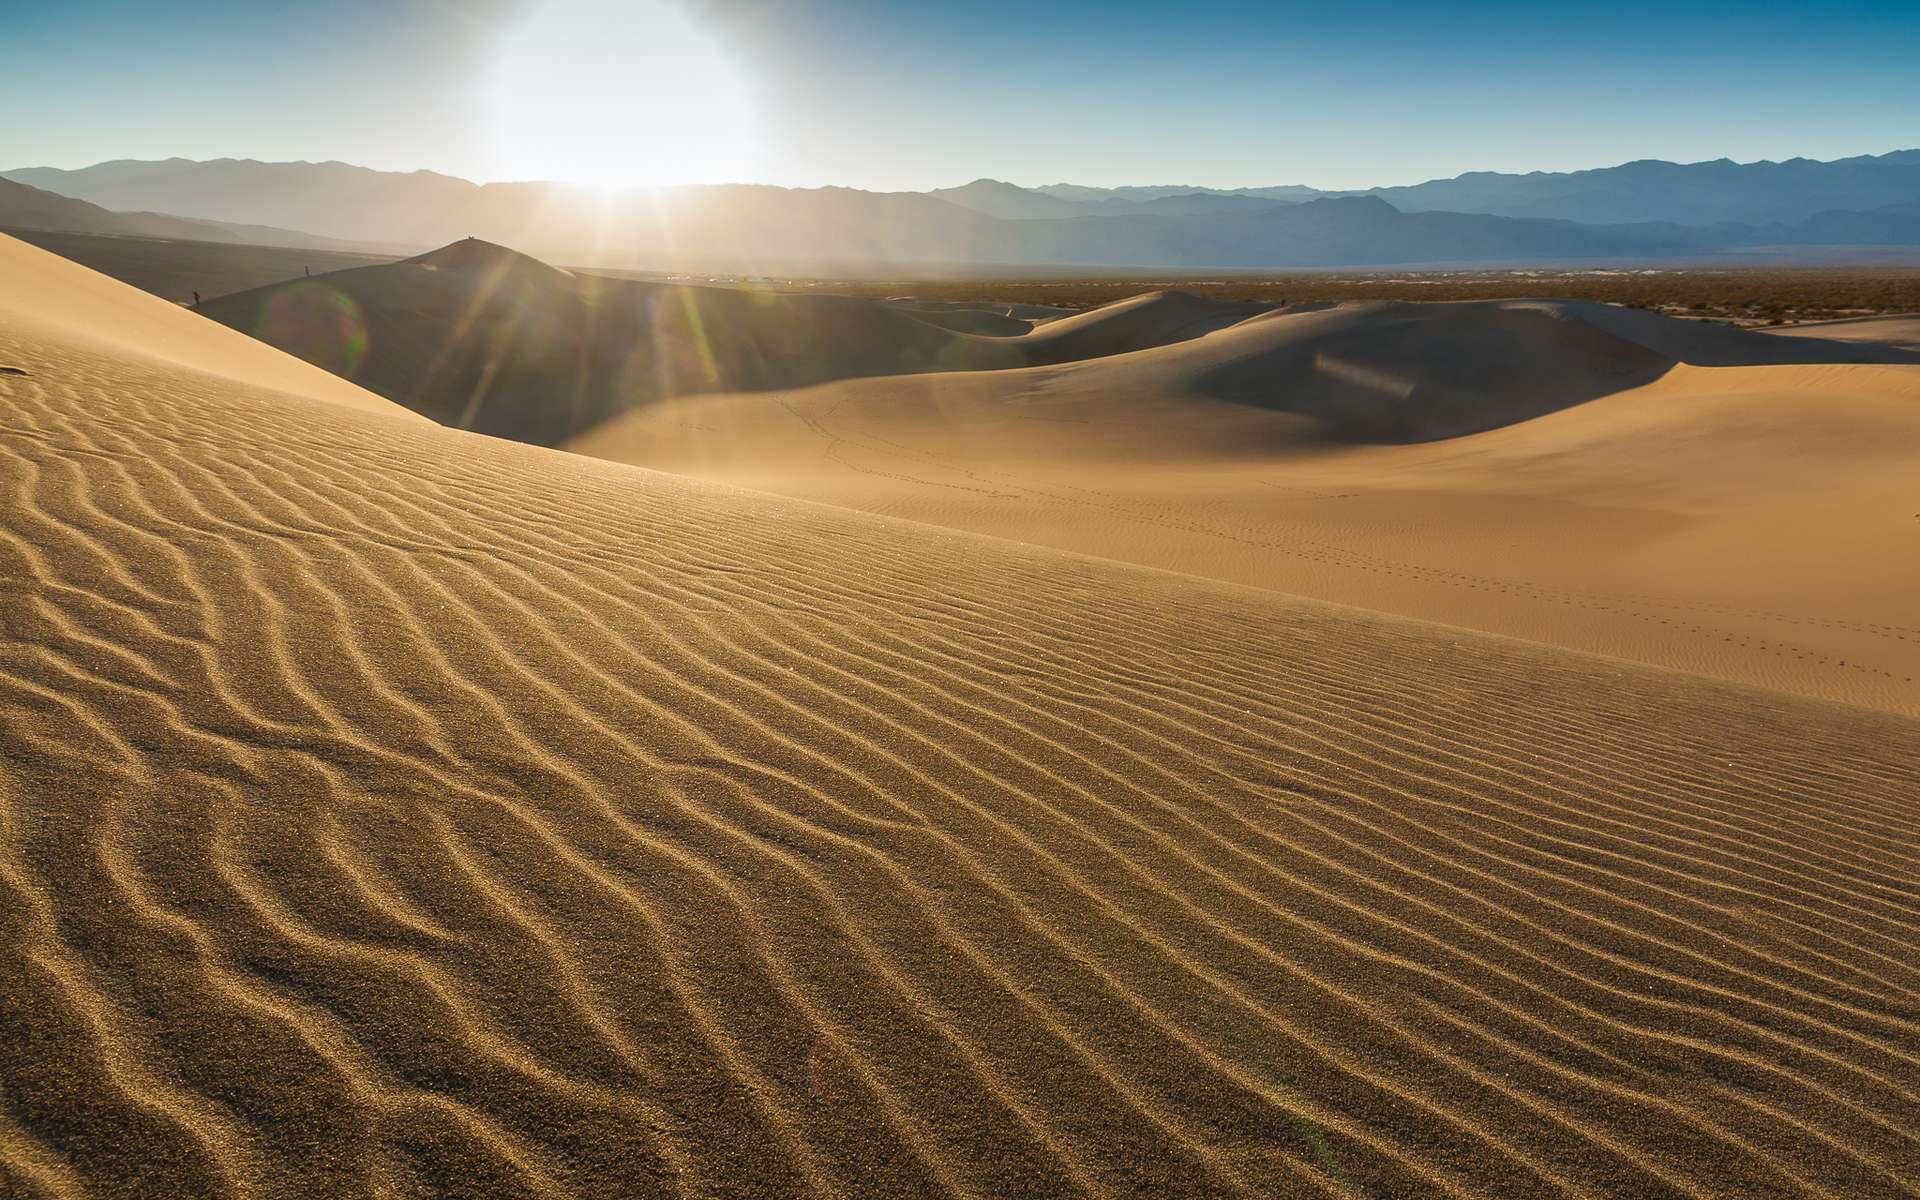 Le sable est un matériau granulaire que l'on trouve en quantité sur Terre. © Felix's Endless Journey, Flickr, CC by-NC-ND 2.0